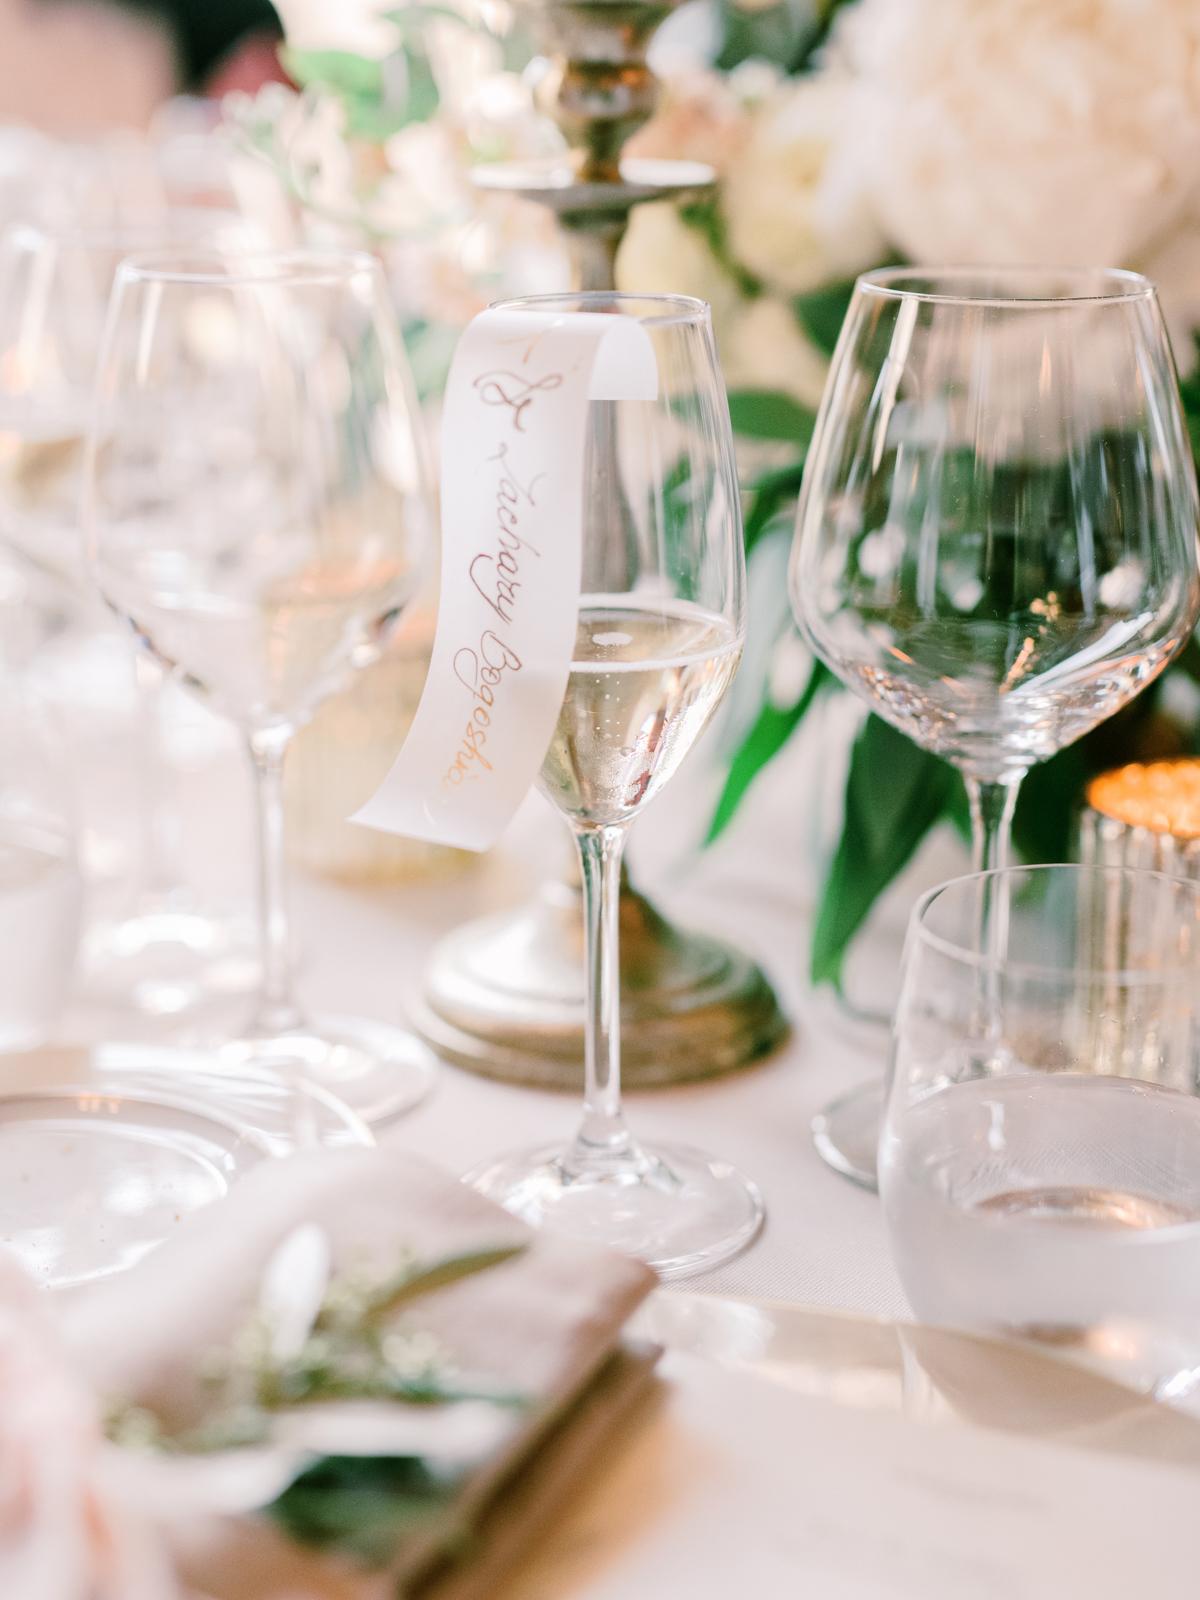 saghar ben wedding place cards on champagne glasses